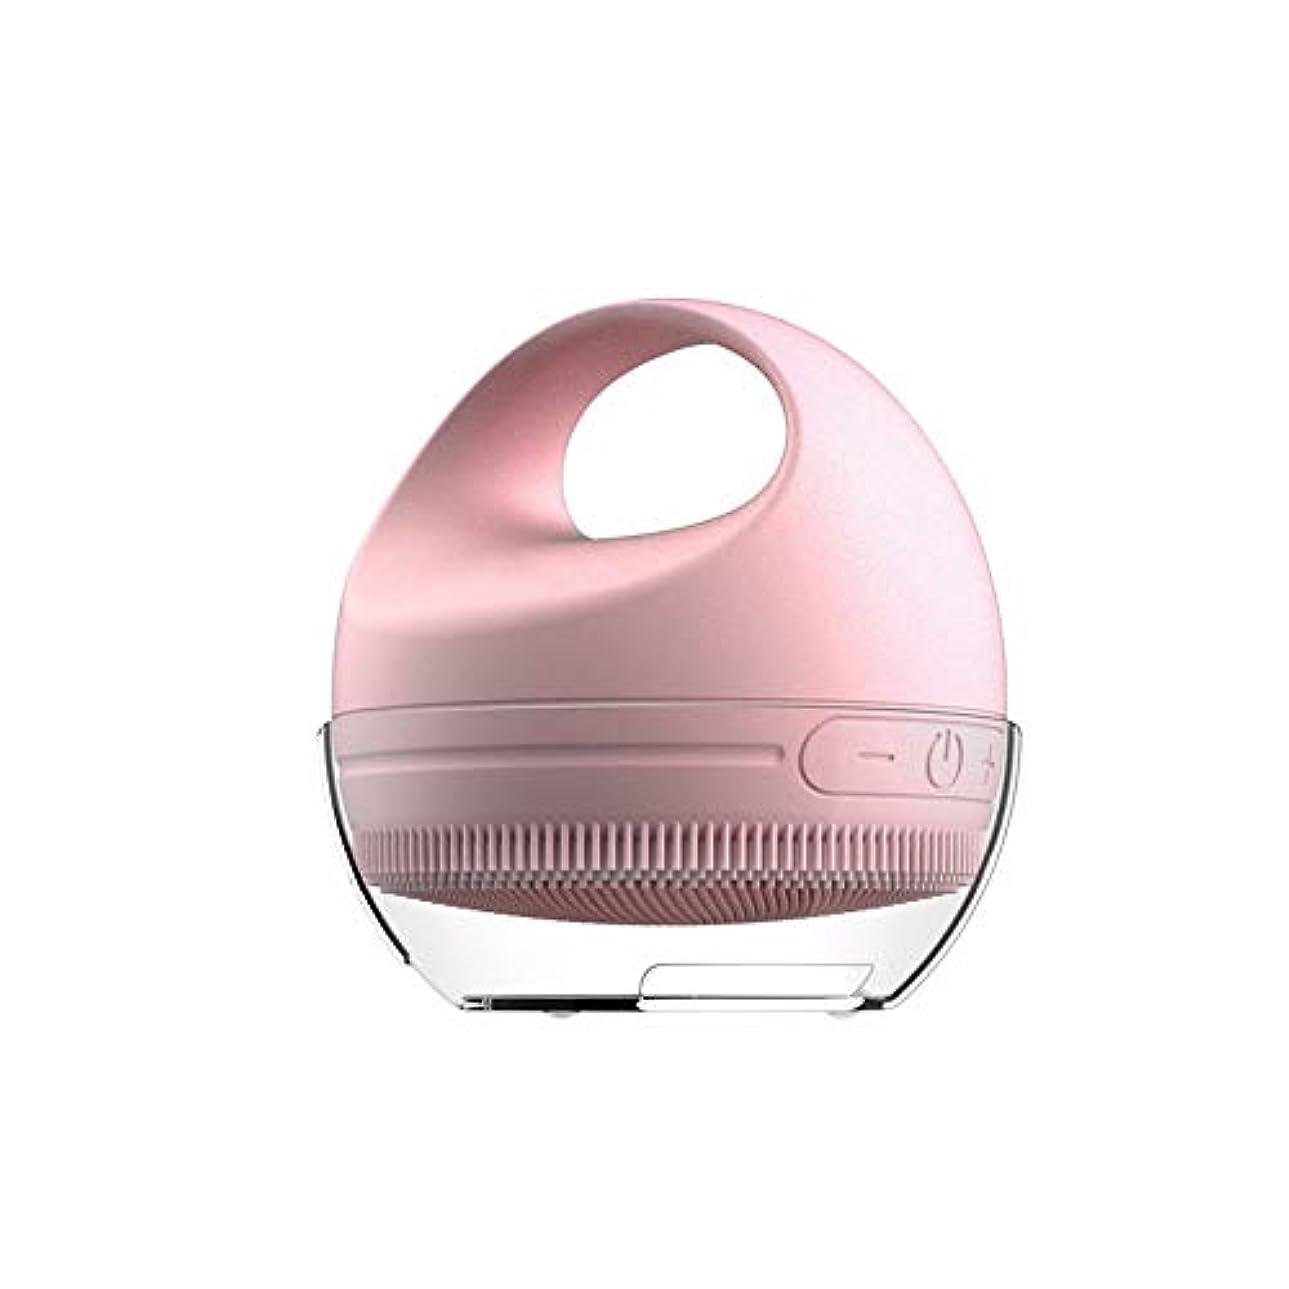 コミットメント不機嫌商業のZXF 新しい電気シリコーンクレンジングブラシインテリジェントタイミング暖かい感覚クレンジング医療用シリコーン防水抗菌クリーン自己乾燥クレンジング楽器 滑らかである (色 : Pink)